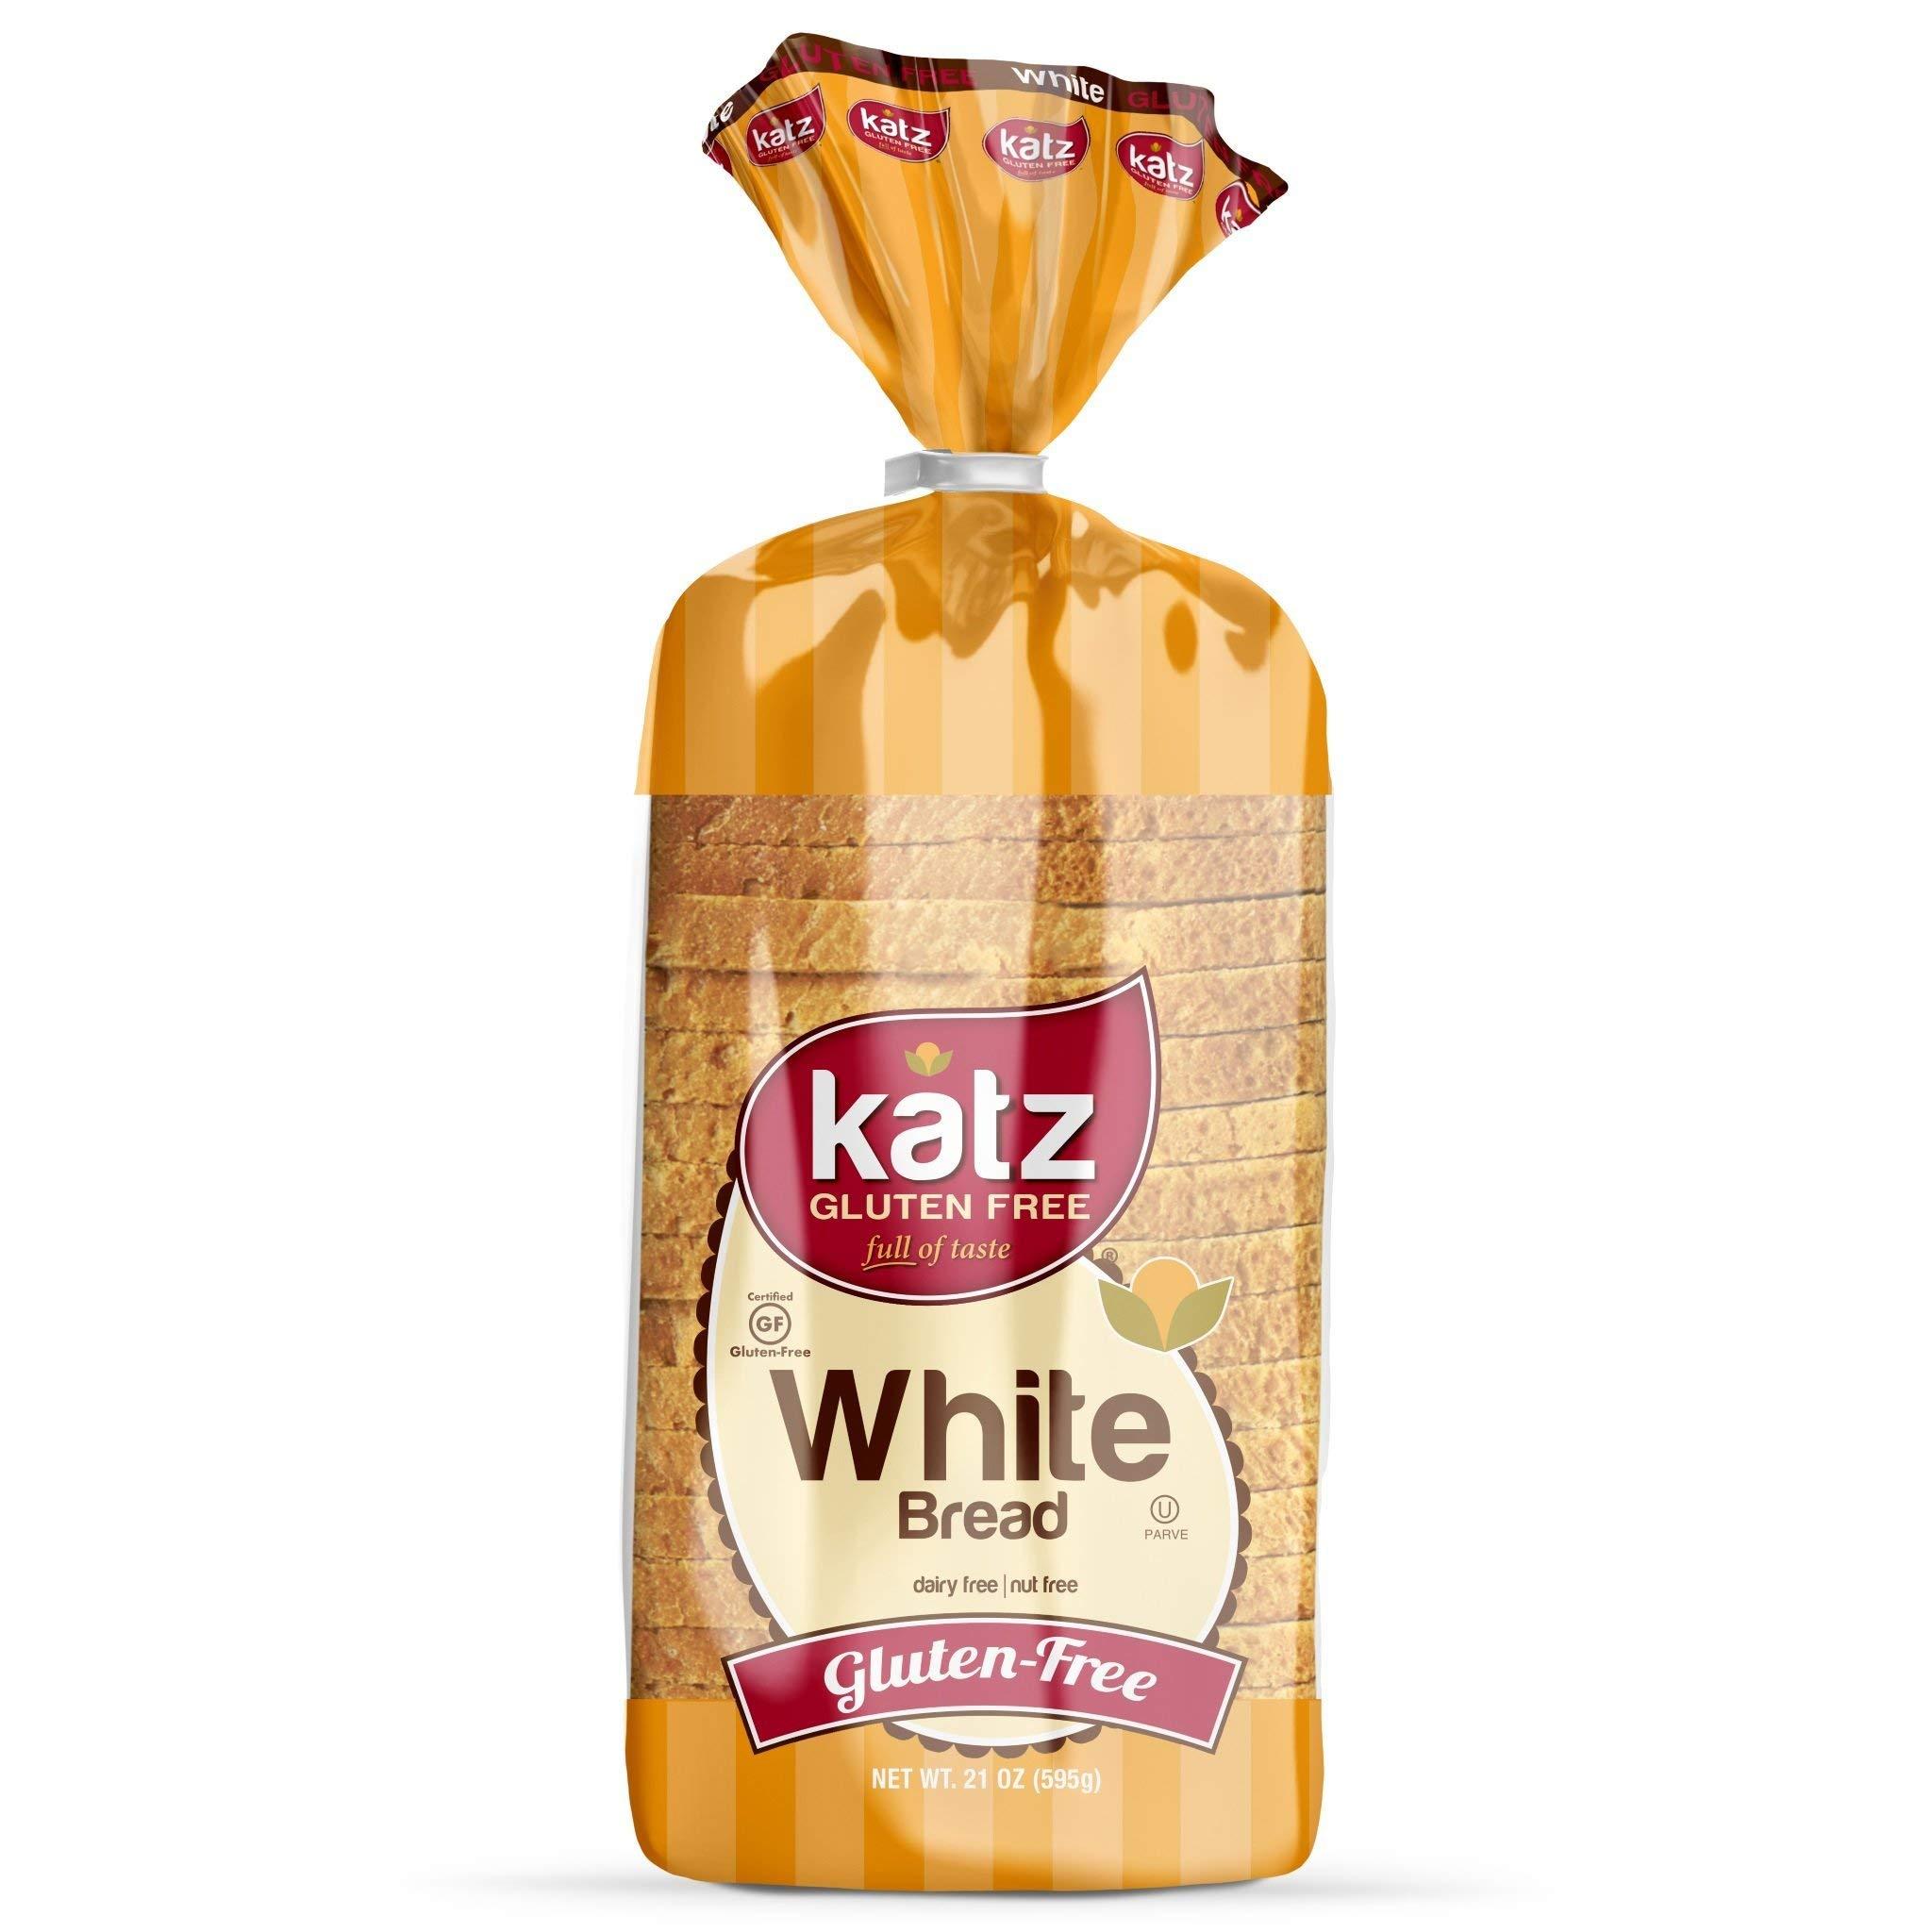 Katz Gluten Free White Bread | Dairy, Nut & Gluten Free | Kosher 21 Oz (1 Pack)